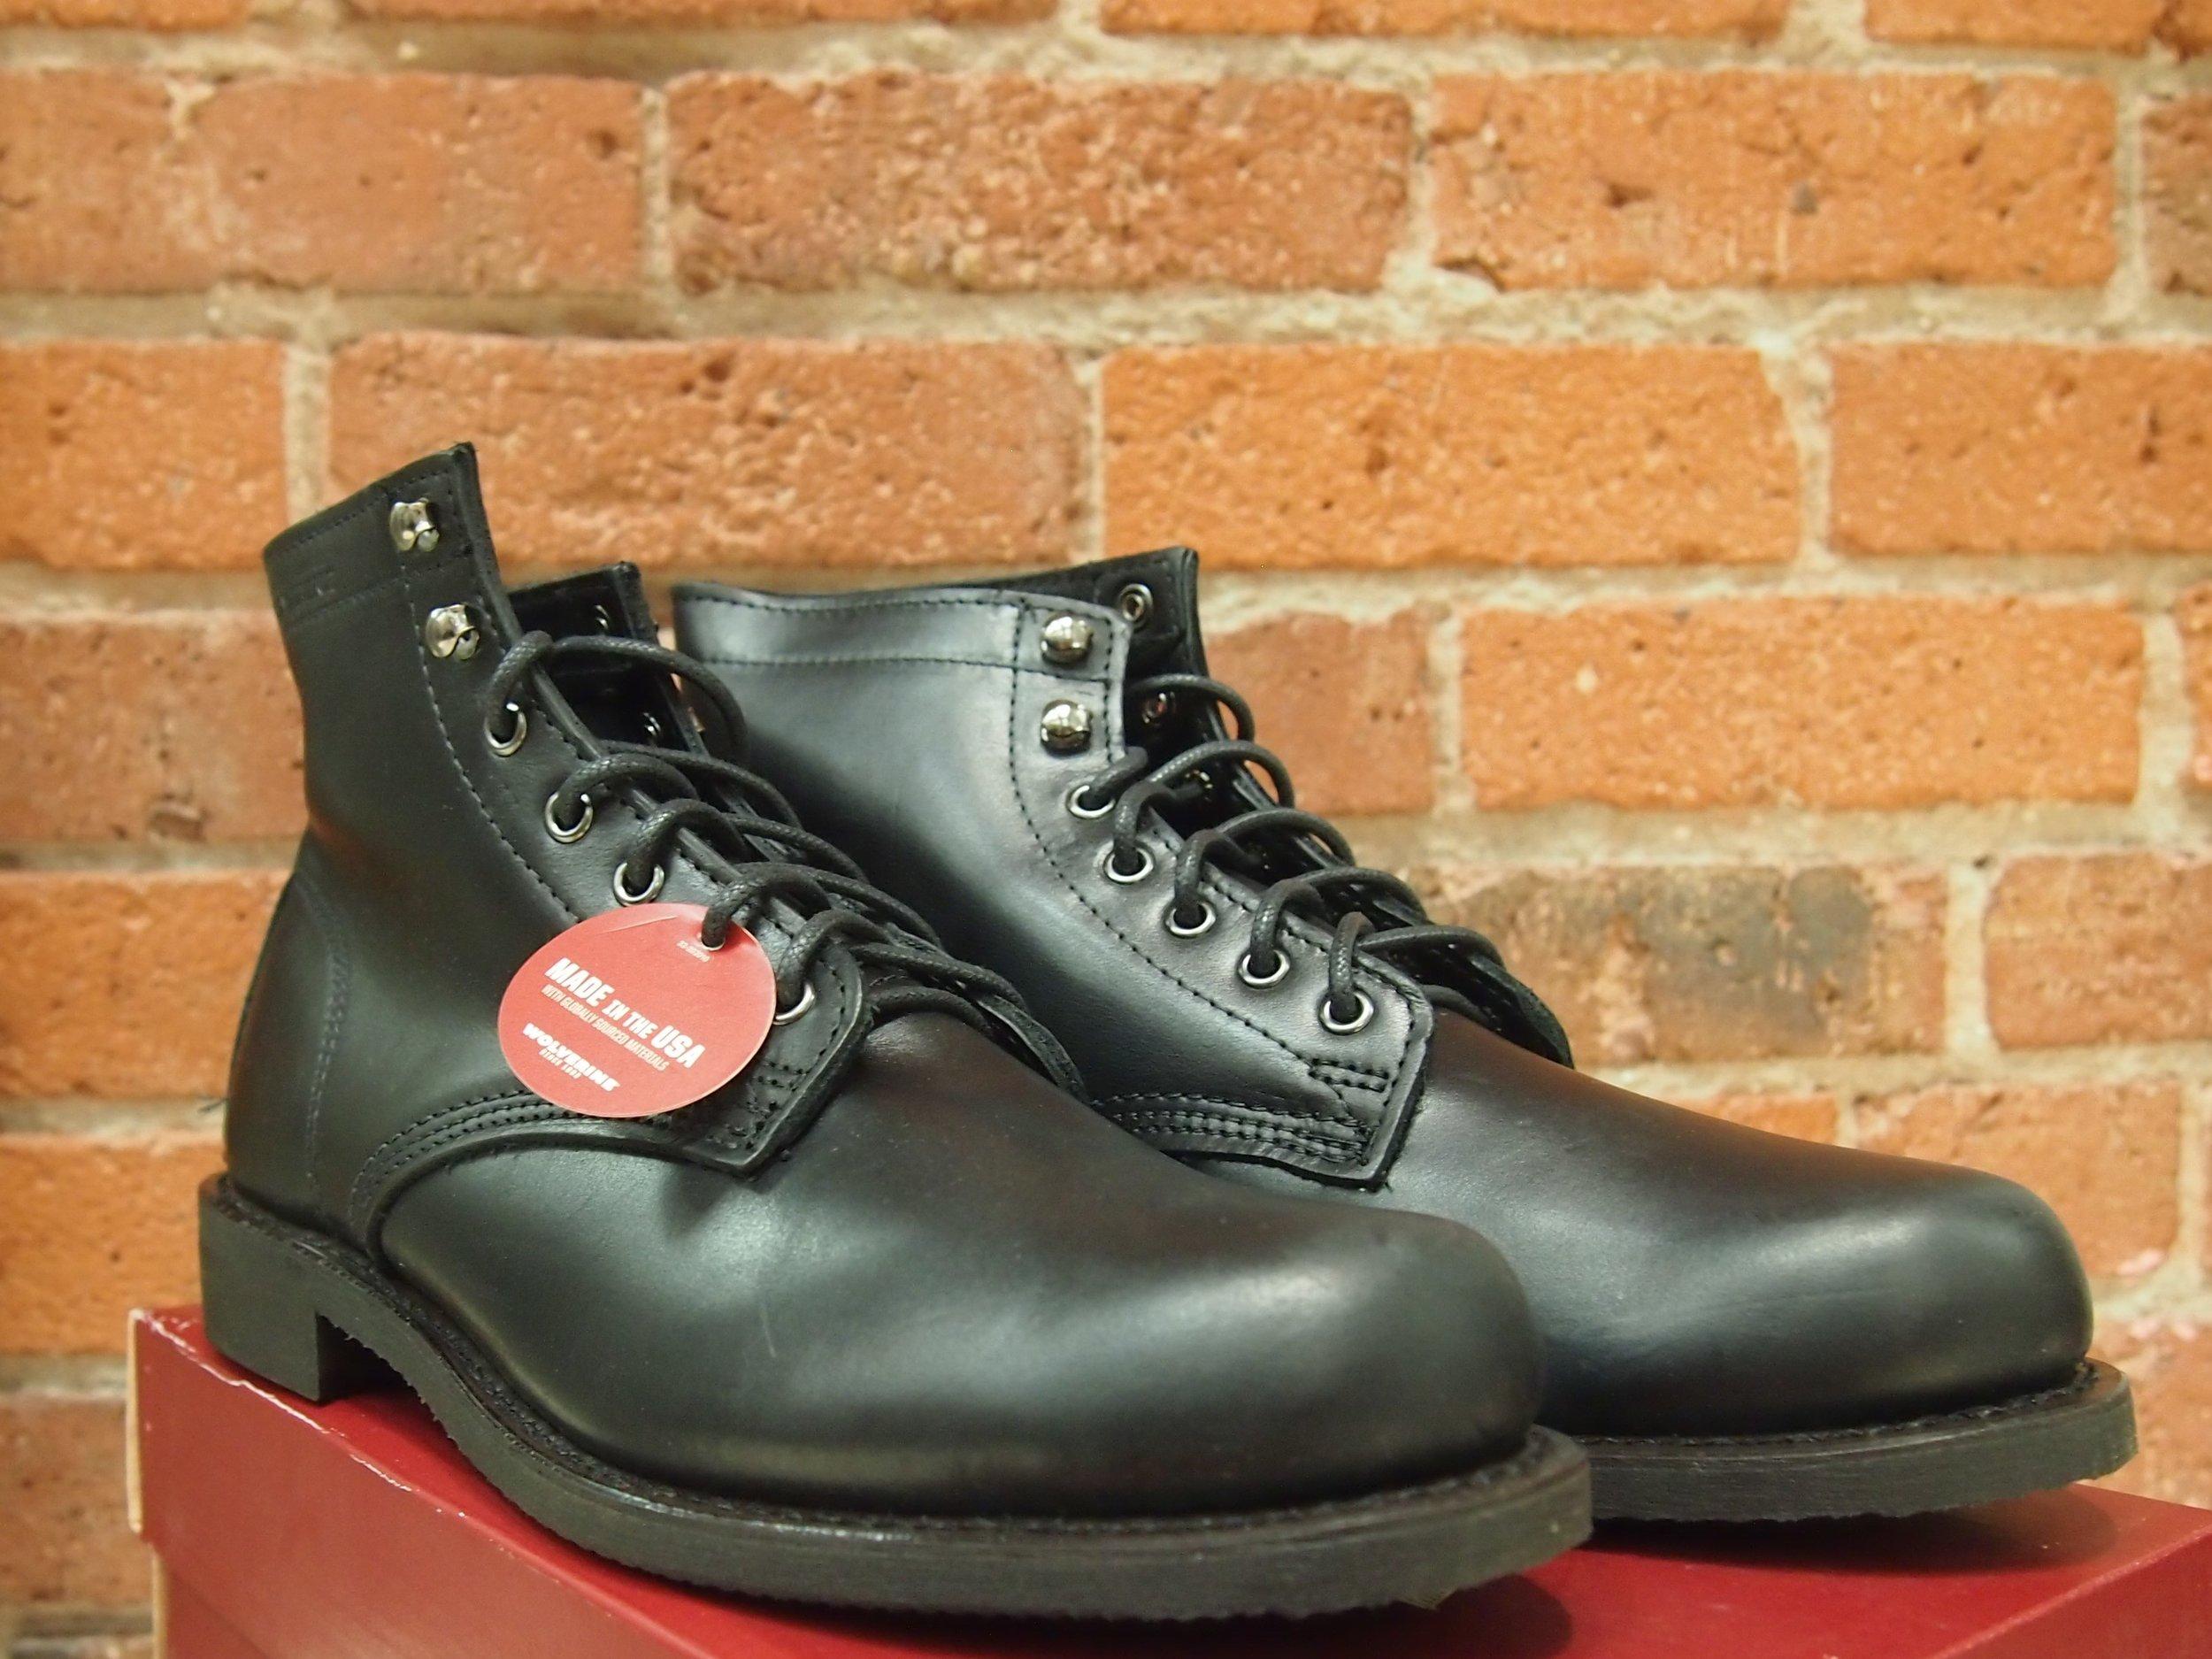 b86ade973d1 Wolverine Kilometer Boot - Black